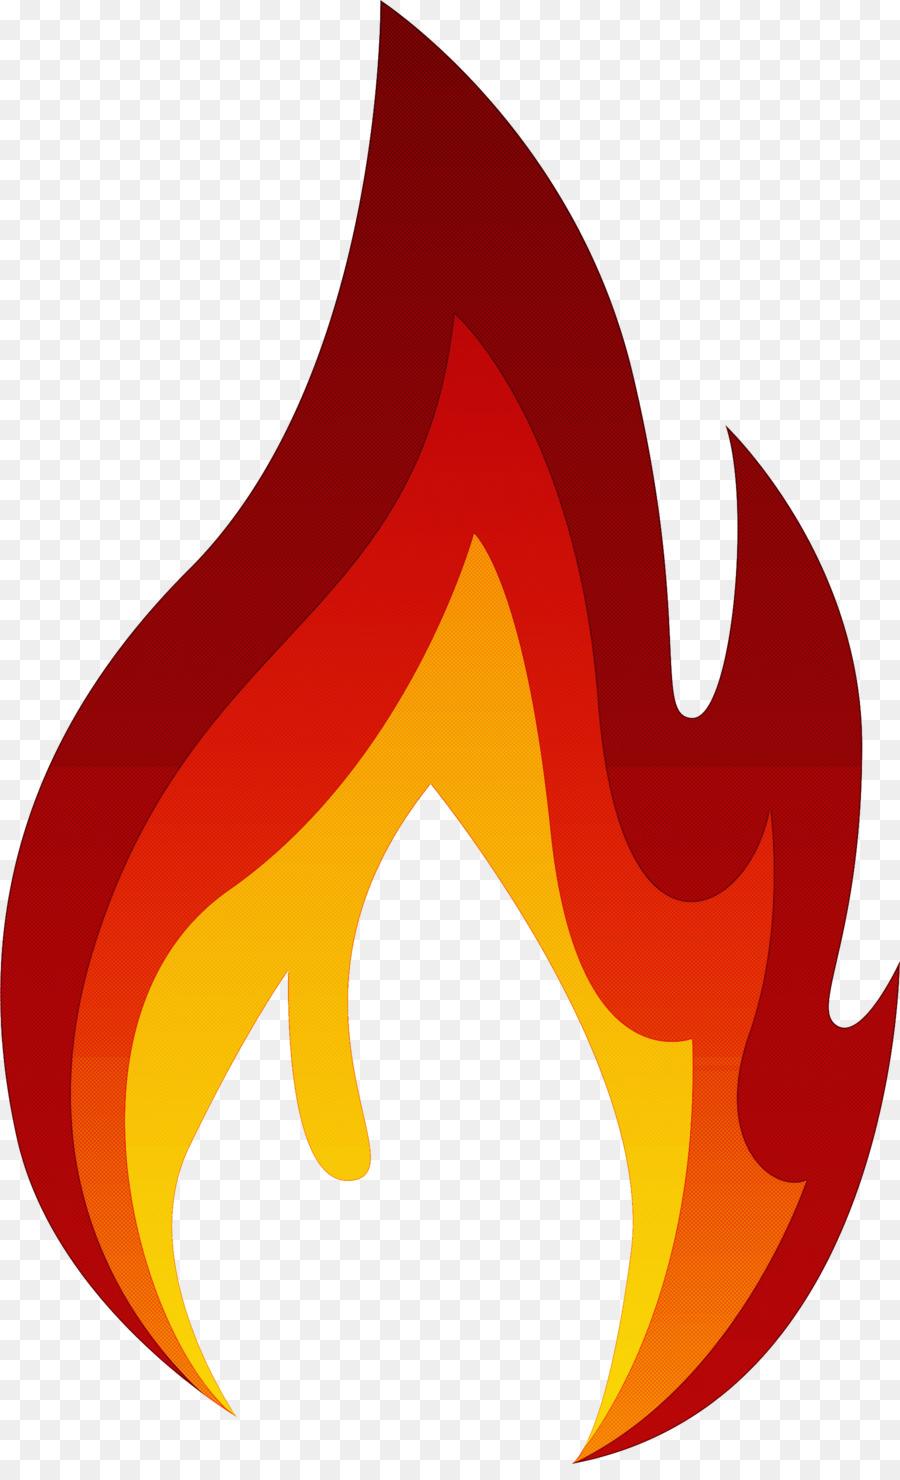 Descarga gratuita de Naranja, Fuego, Llama Imágen de Png